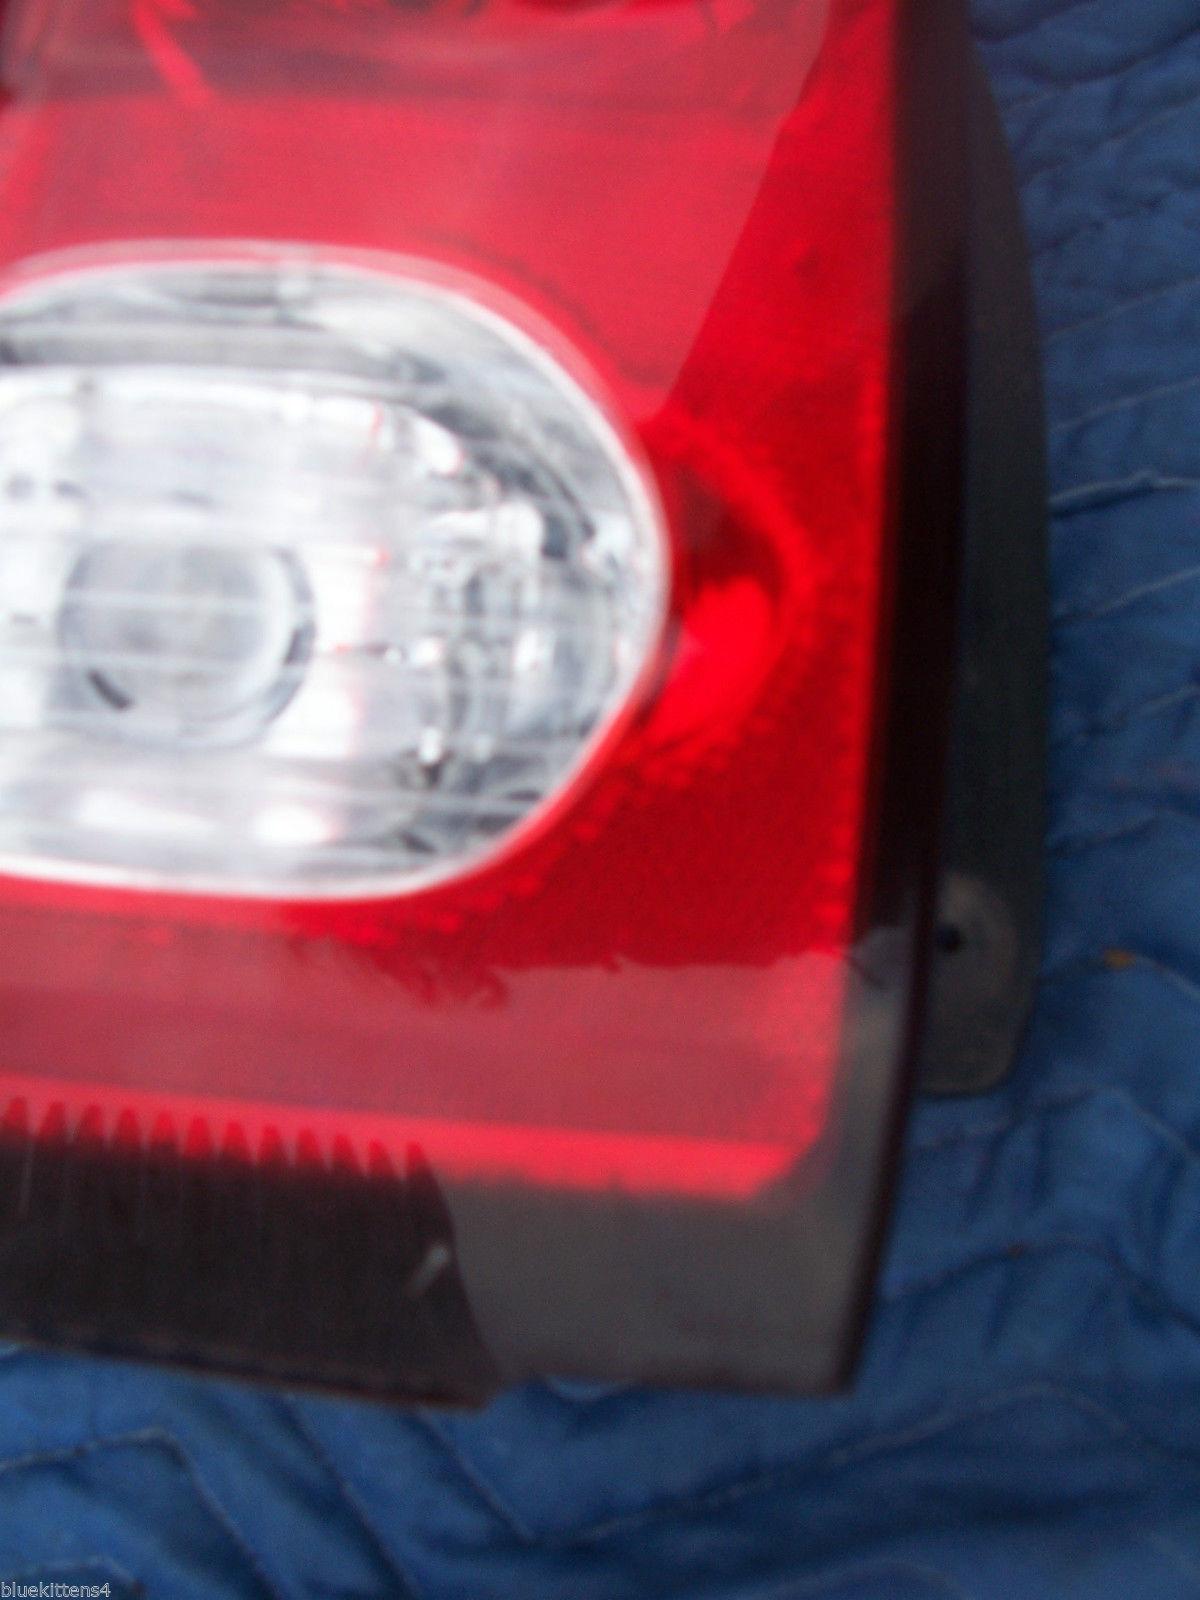 2001 AZTEC LEFT TAILLIGHT OEM USED ORIGINAL PONTIAC GM PART 2002 2003 2004 2005 image 5